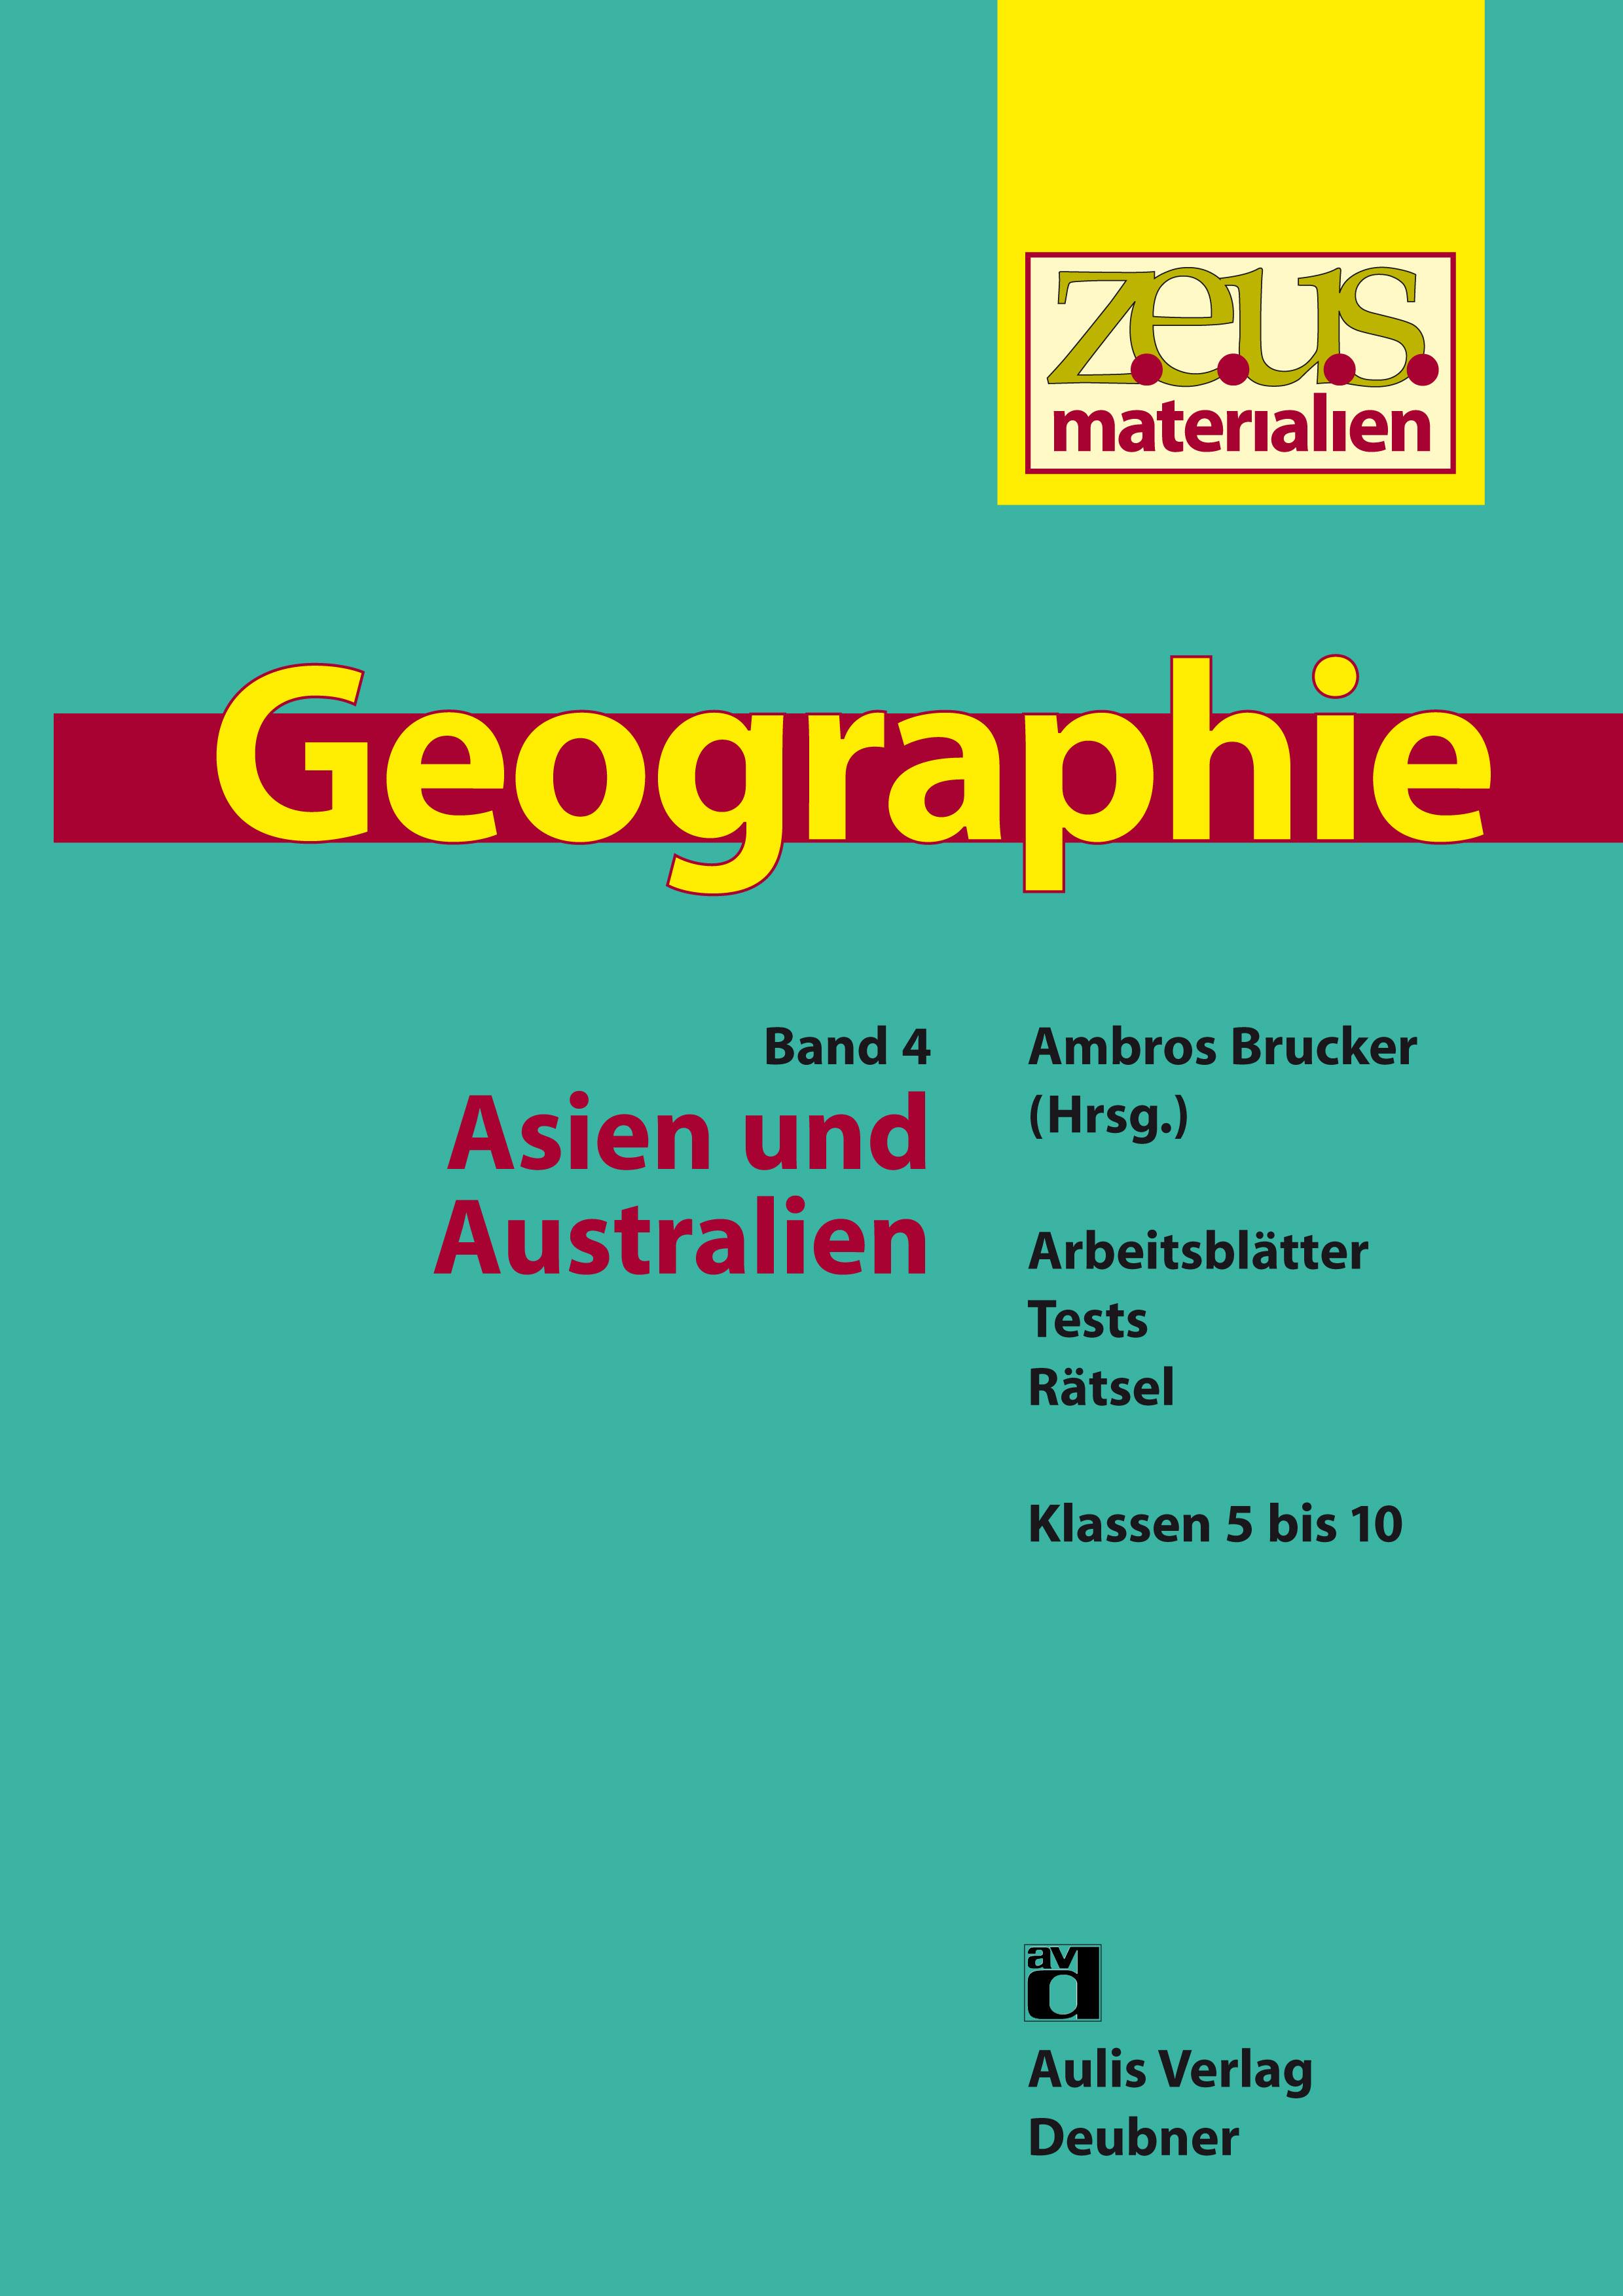 z.e.u.s. Materialien Geographie-Buchreihe – Band 4: Asien und Australien